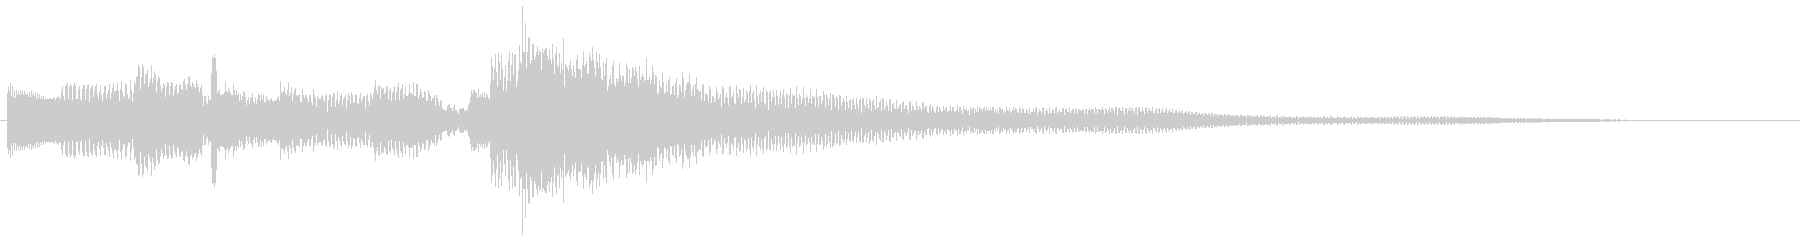 クリーントーン ギターフレーズ 場面転換の未再生の波形